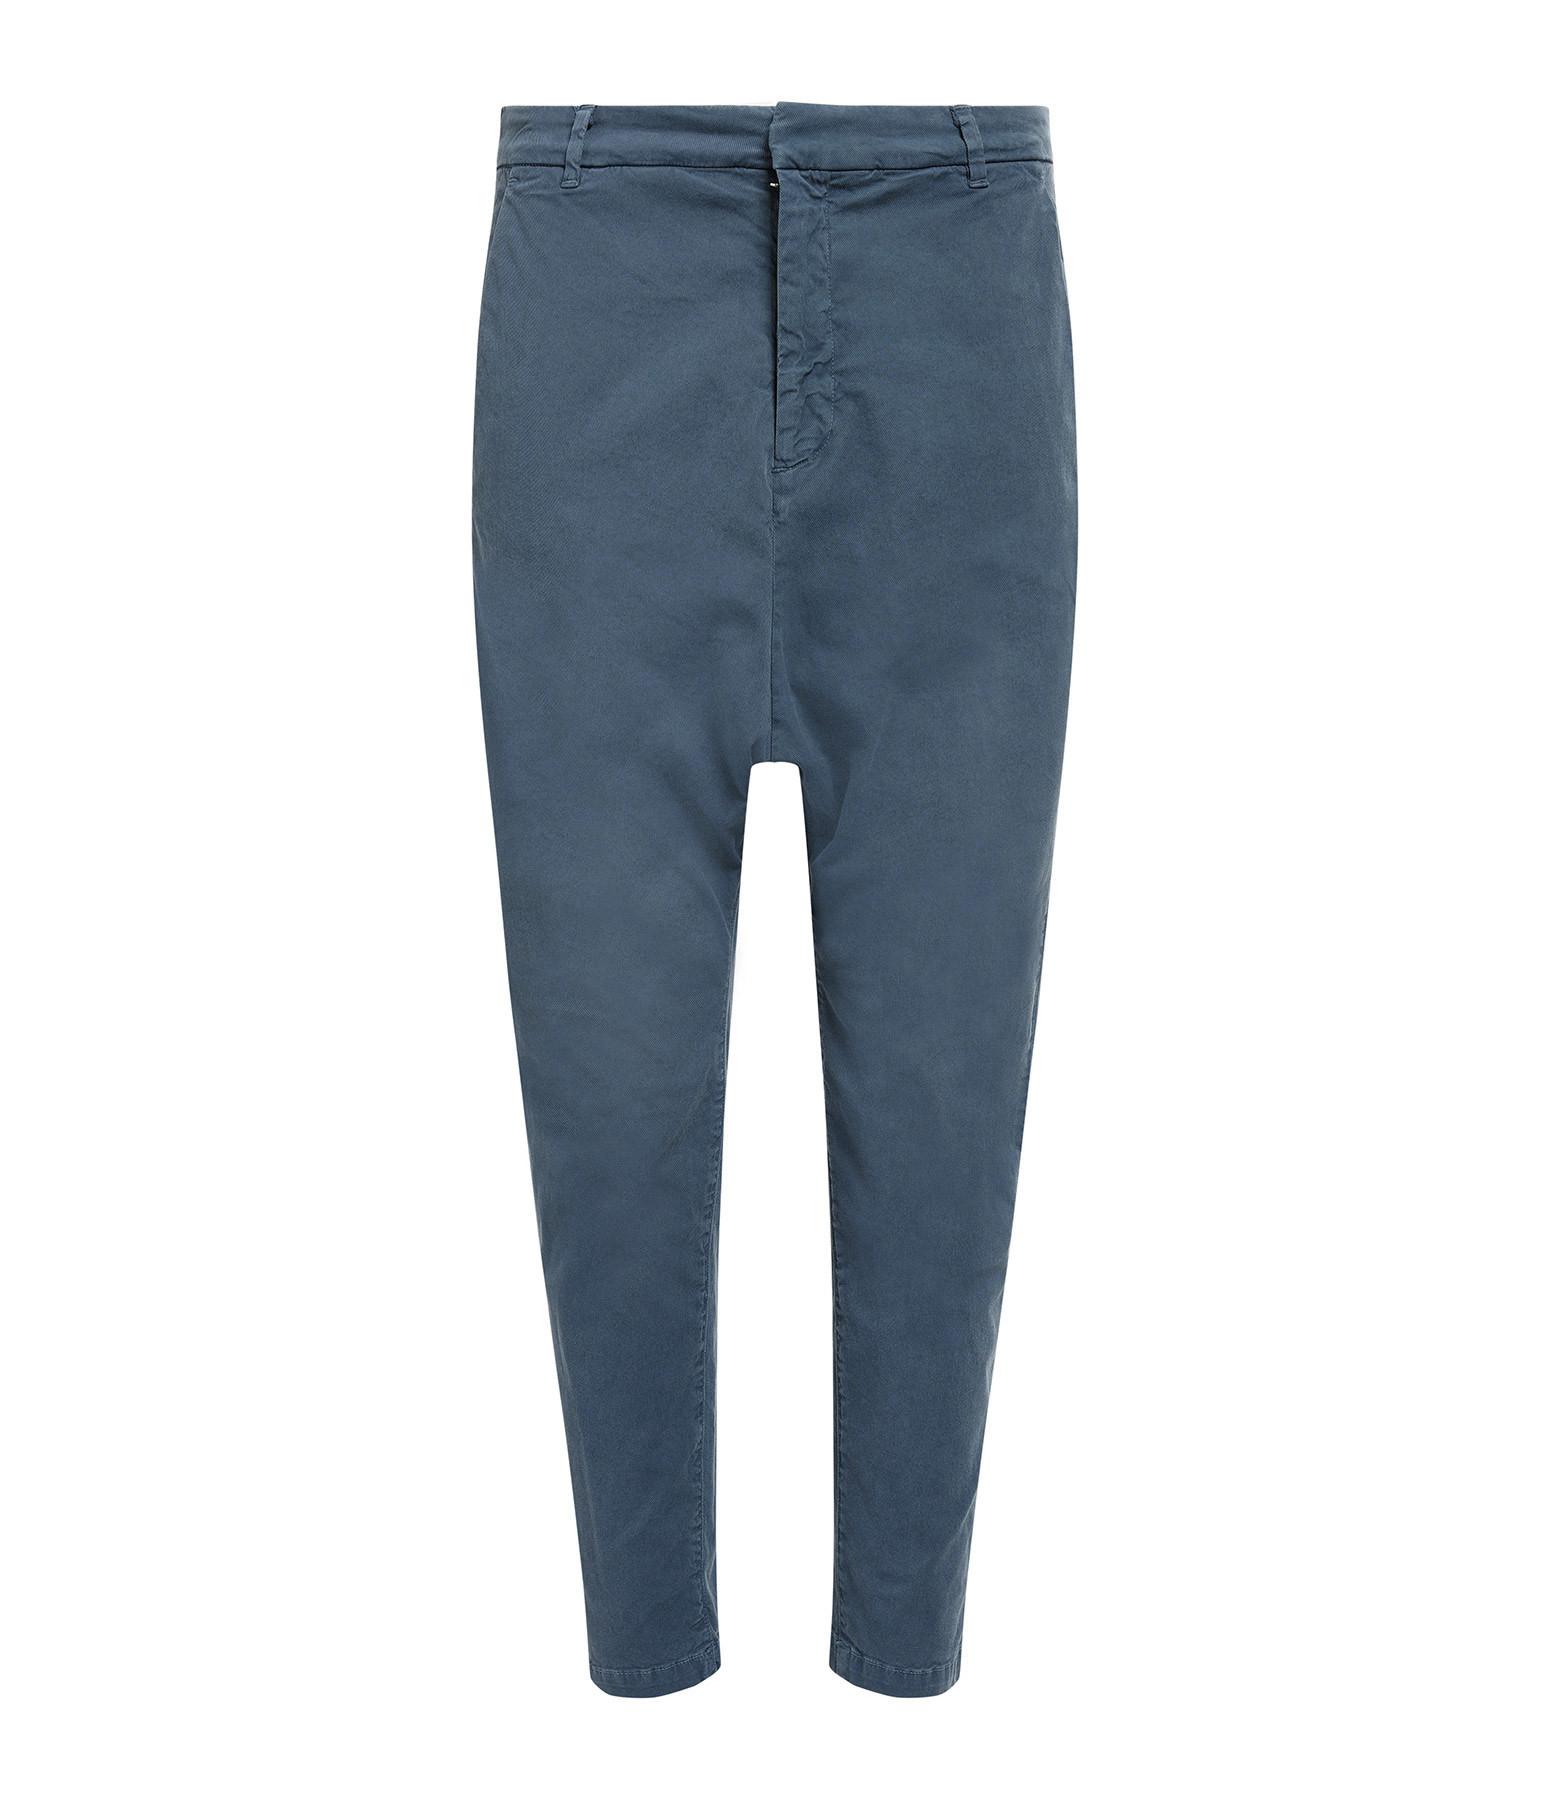 NILI LOTAN - Pantalon Paris Coton Bleu Vintage